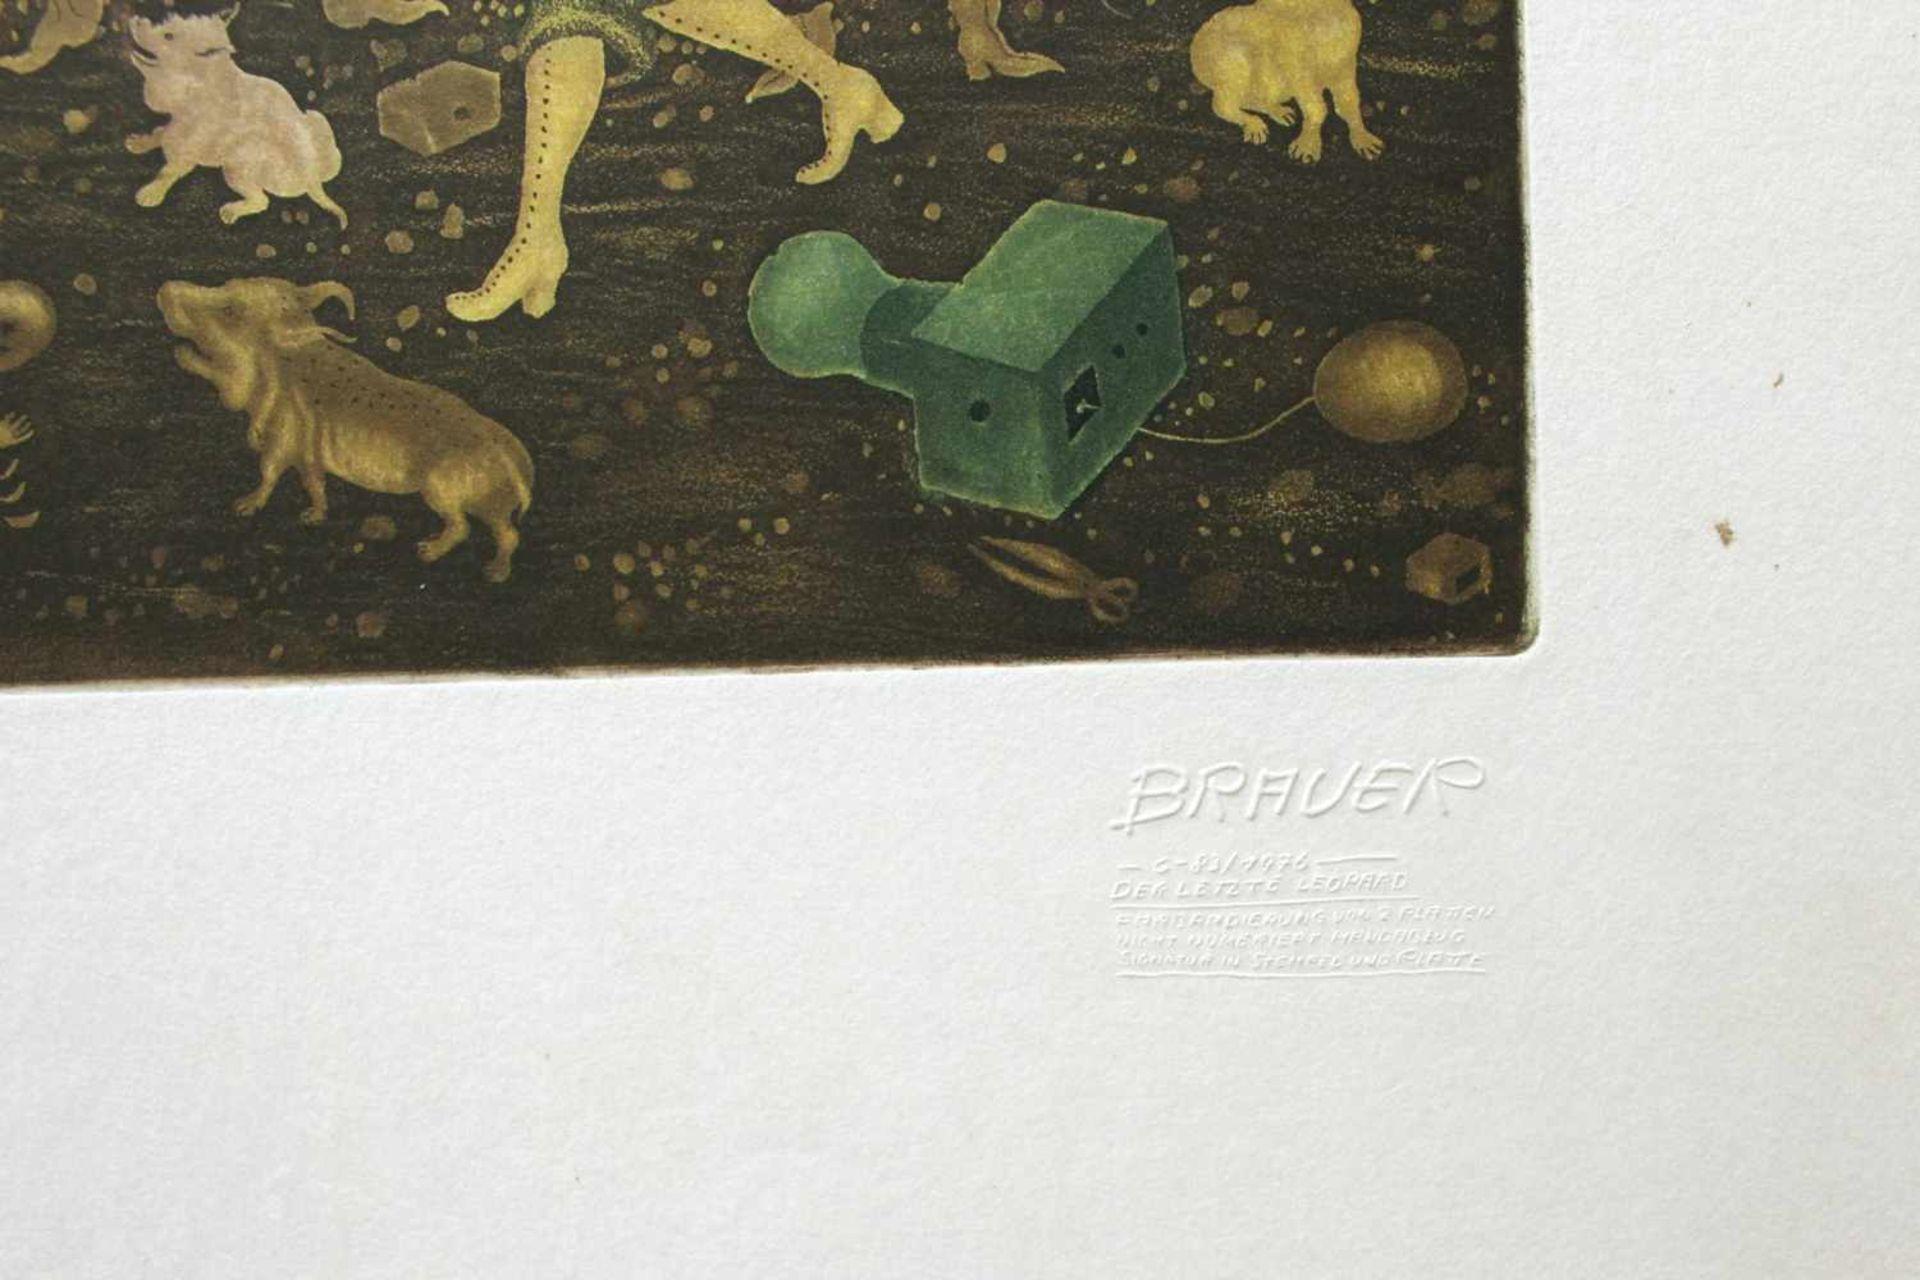 Arik Brauer geb. 1929 Der letzte Leopard 1976/C-83 Radierung Prägestempel Arik Brauer, Signatur in - Bild 2 aus 3